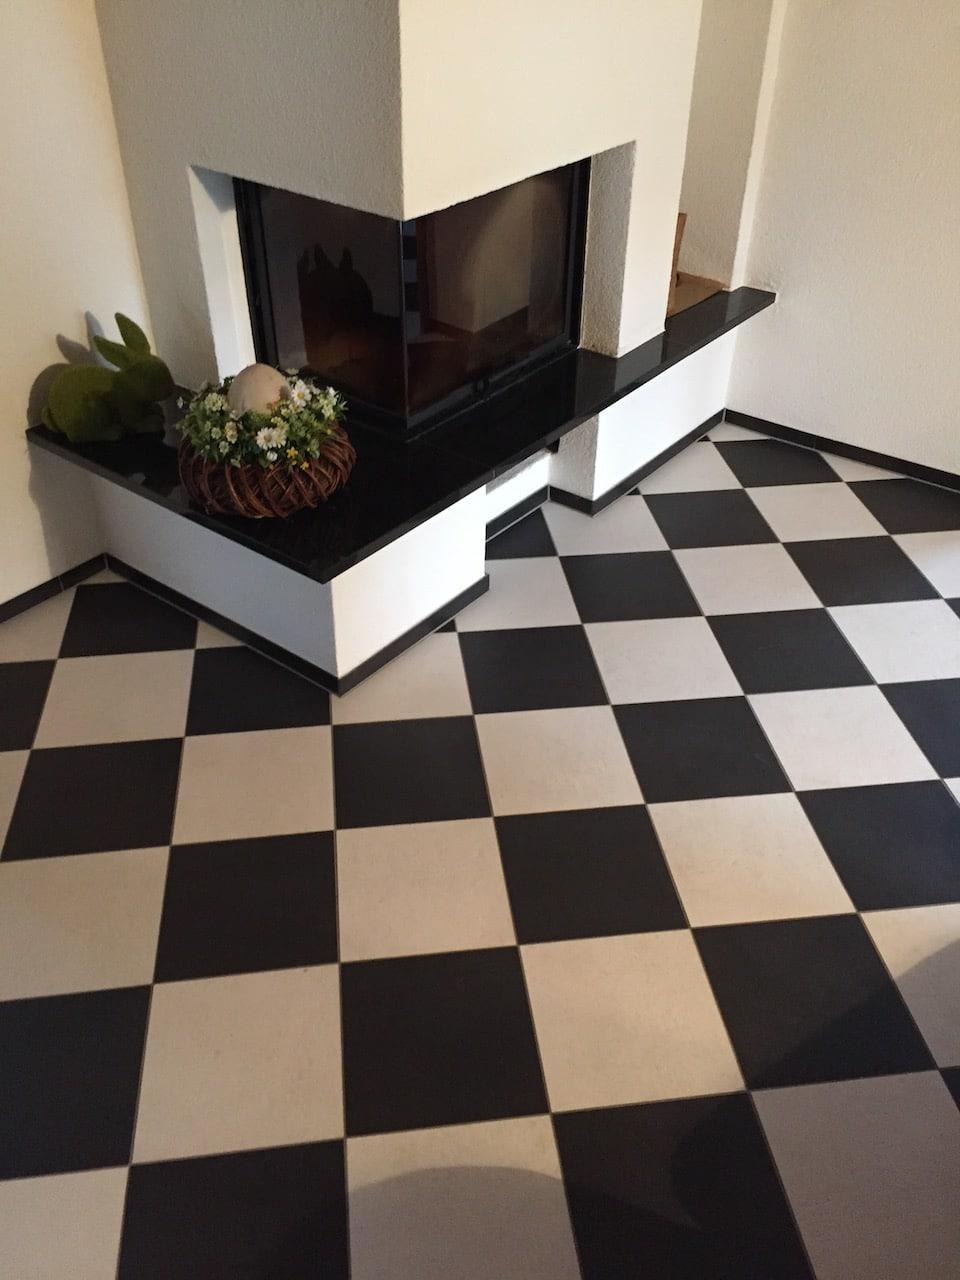 wohnen fliesenland w rzburg. Black Bedroom Furniture Sets. Home Design Ideas